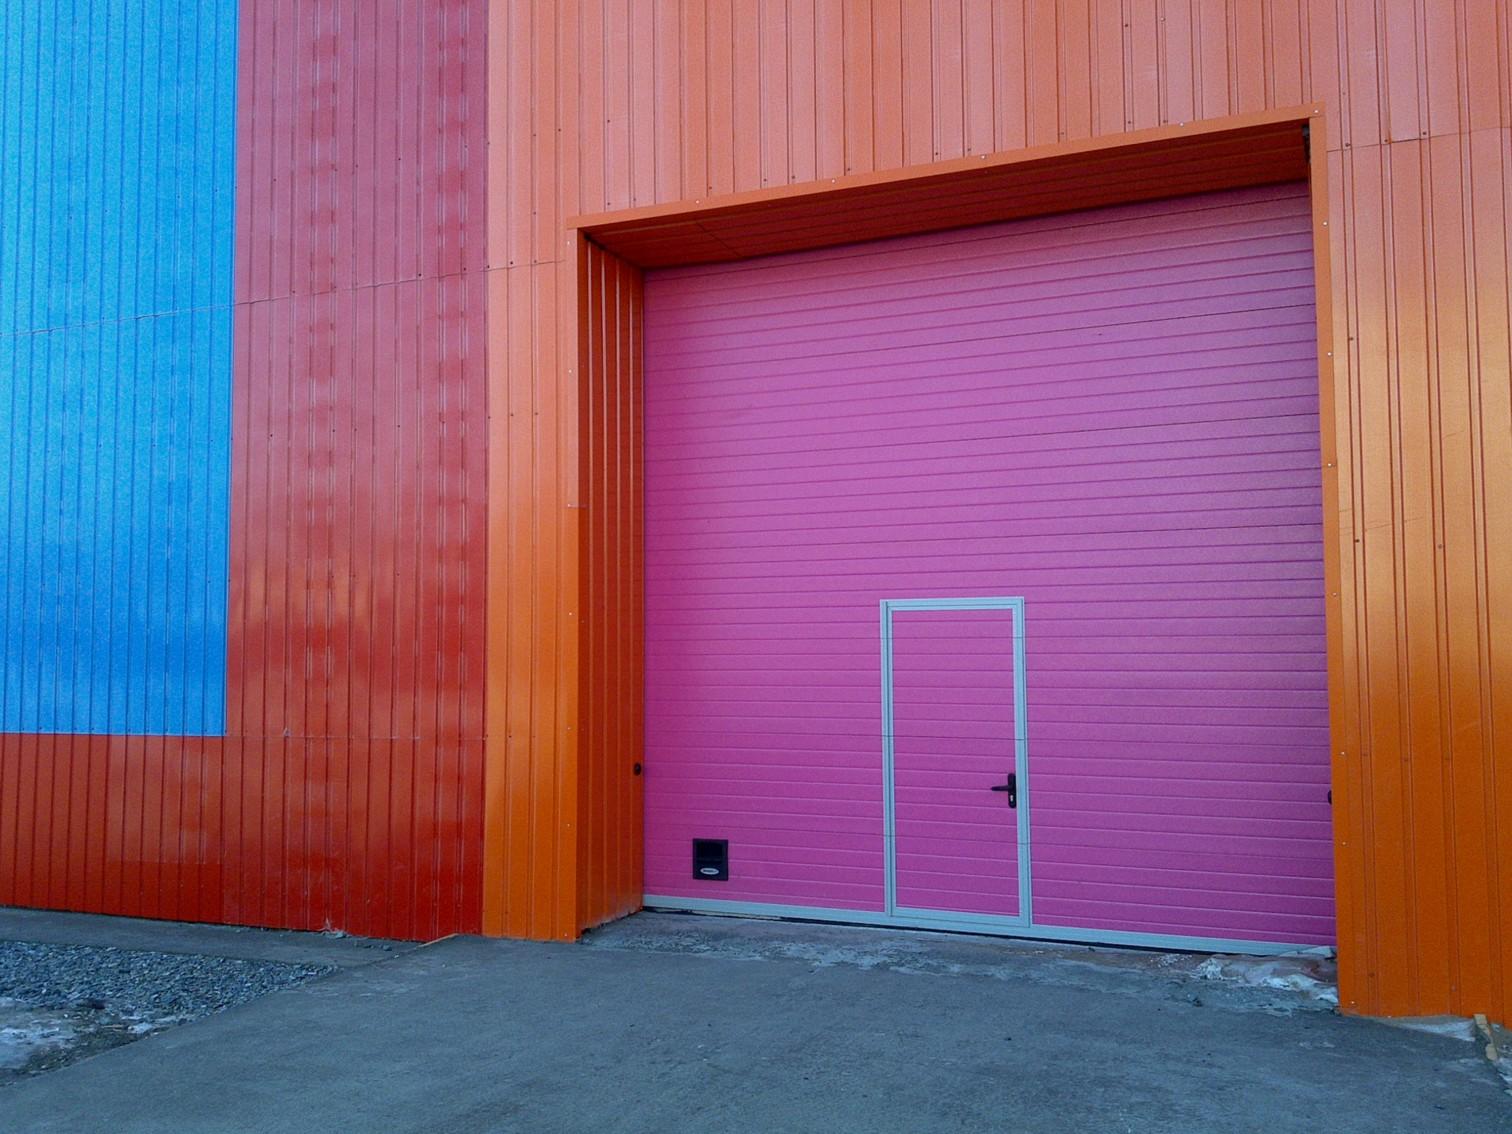 Заборы под ключ деревянные металлические  купить в